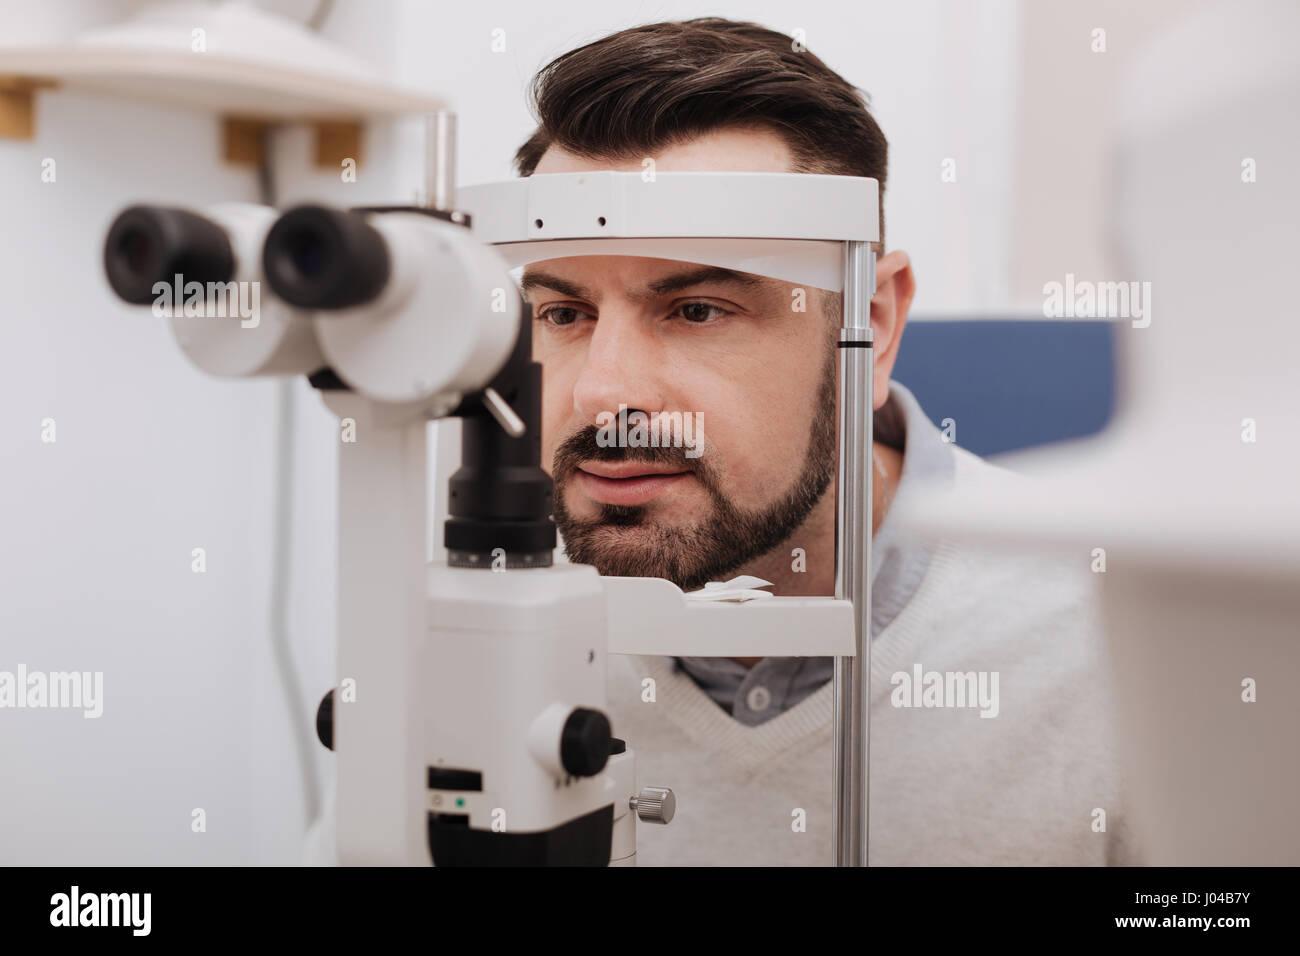 Ernst schön Patienten mit seiner Vision getestet Stockbild